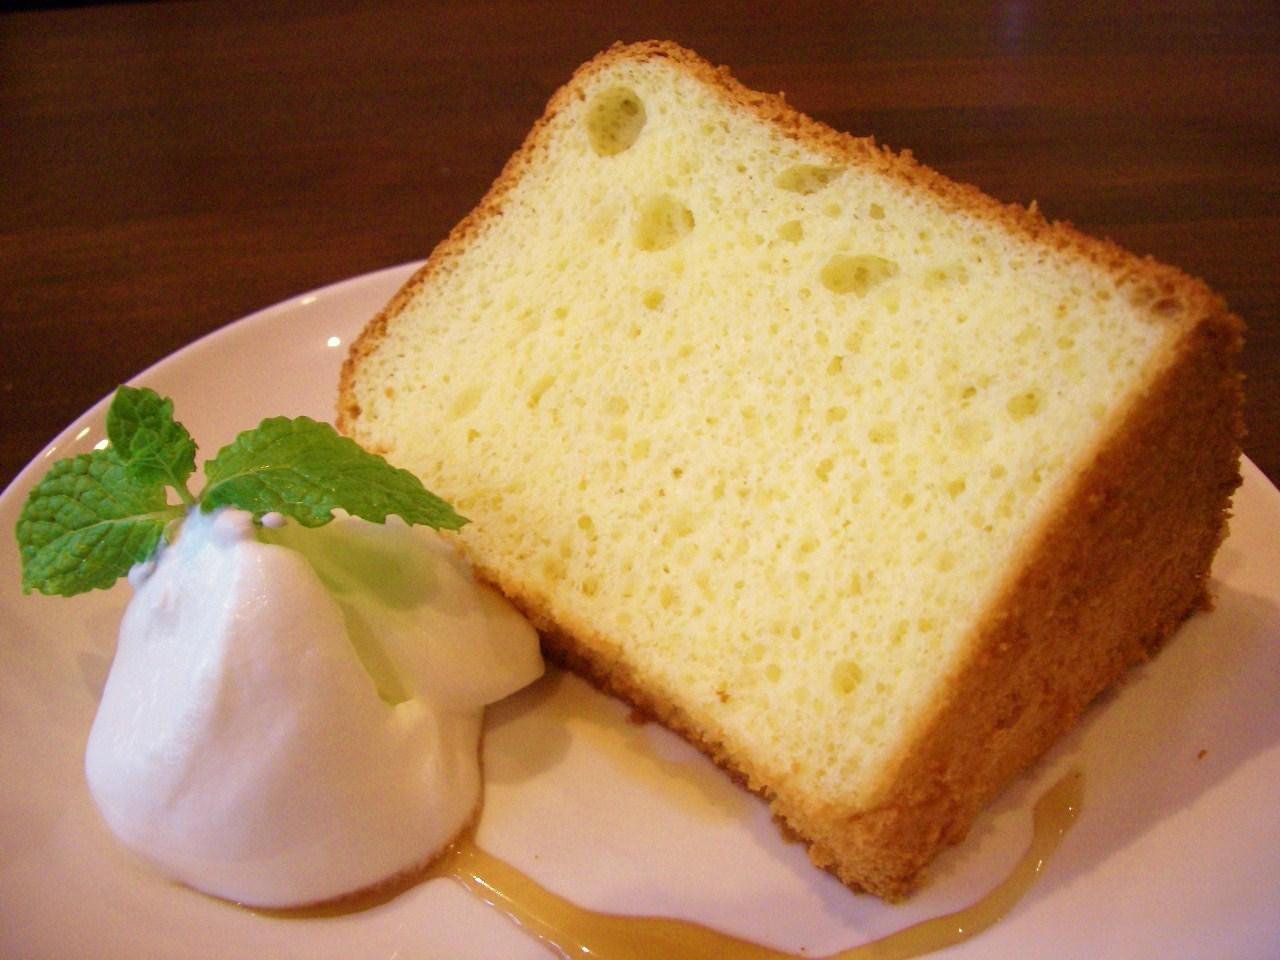 簡単なのにとってもおいしい!シフォンケーキの作り方についてのサムネイル画像